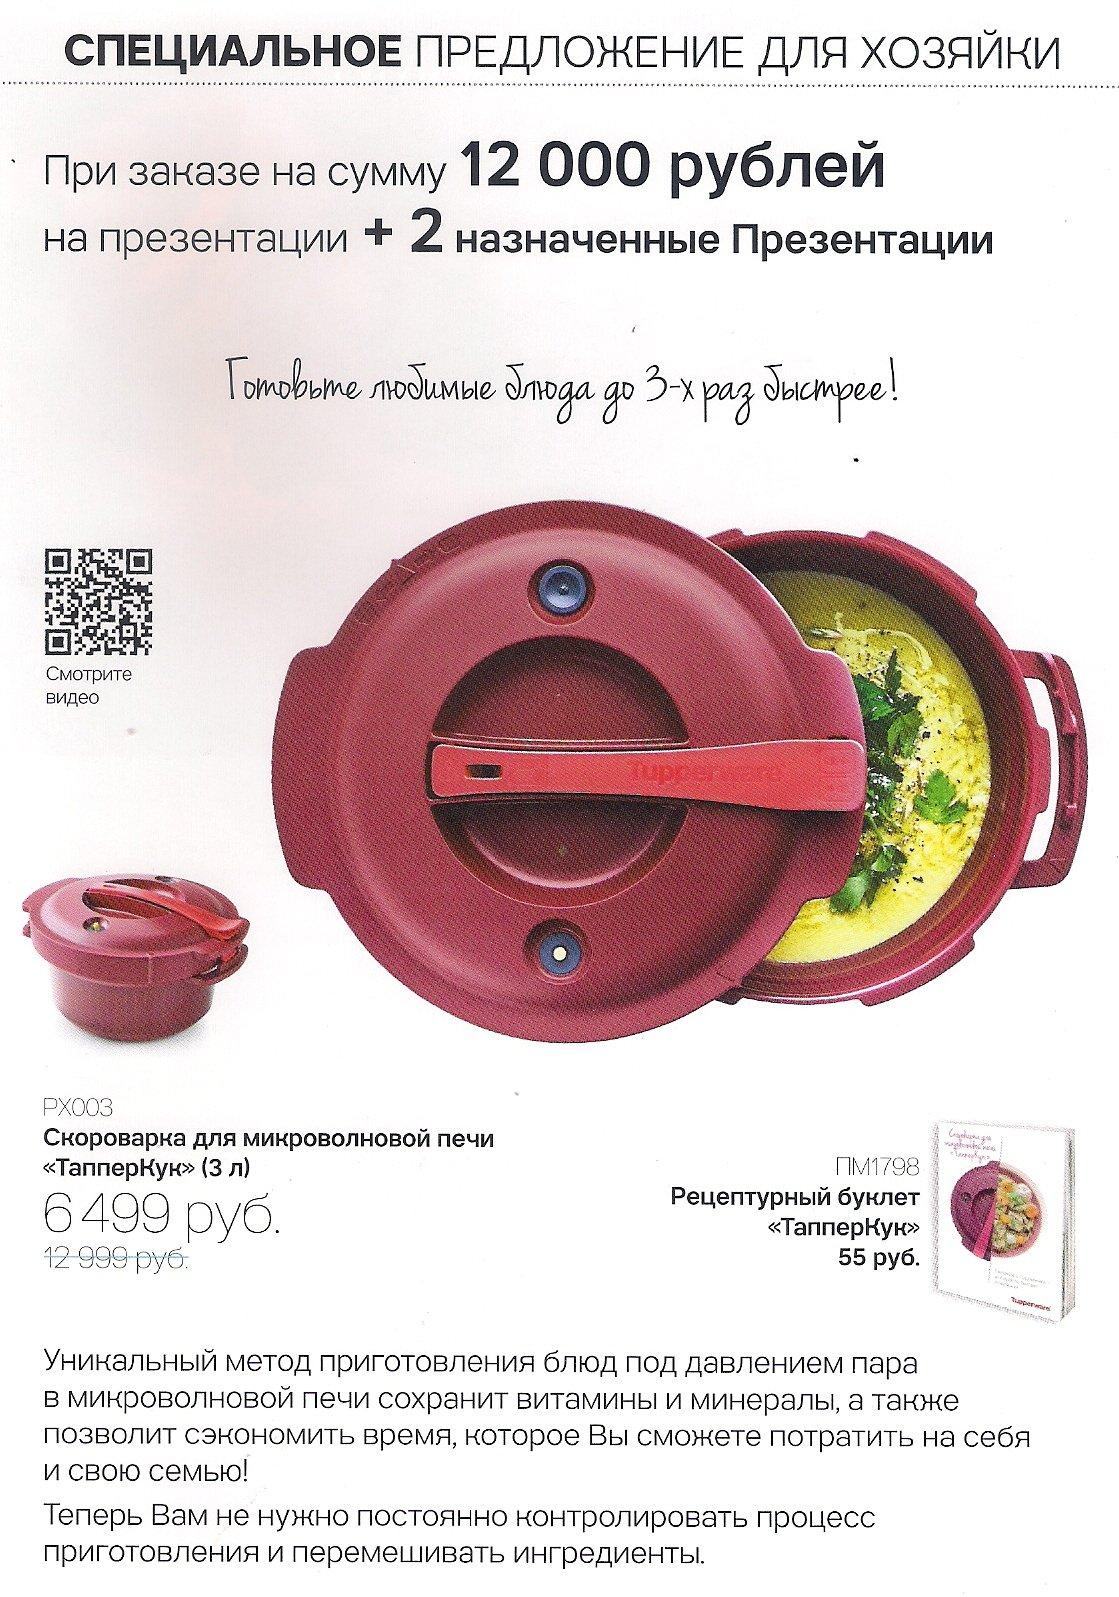 http://tupperware-online.ru/images/upload/4H.jpg